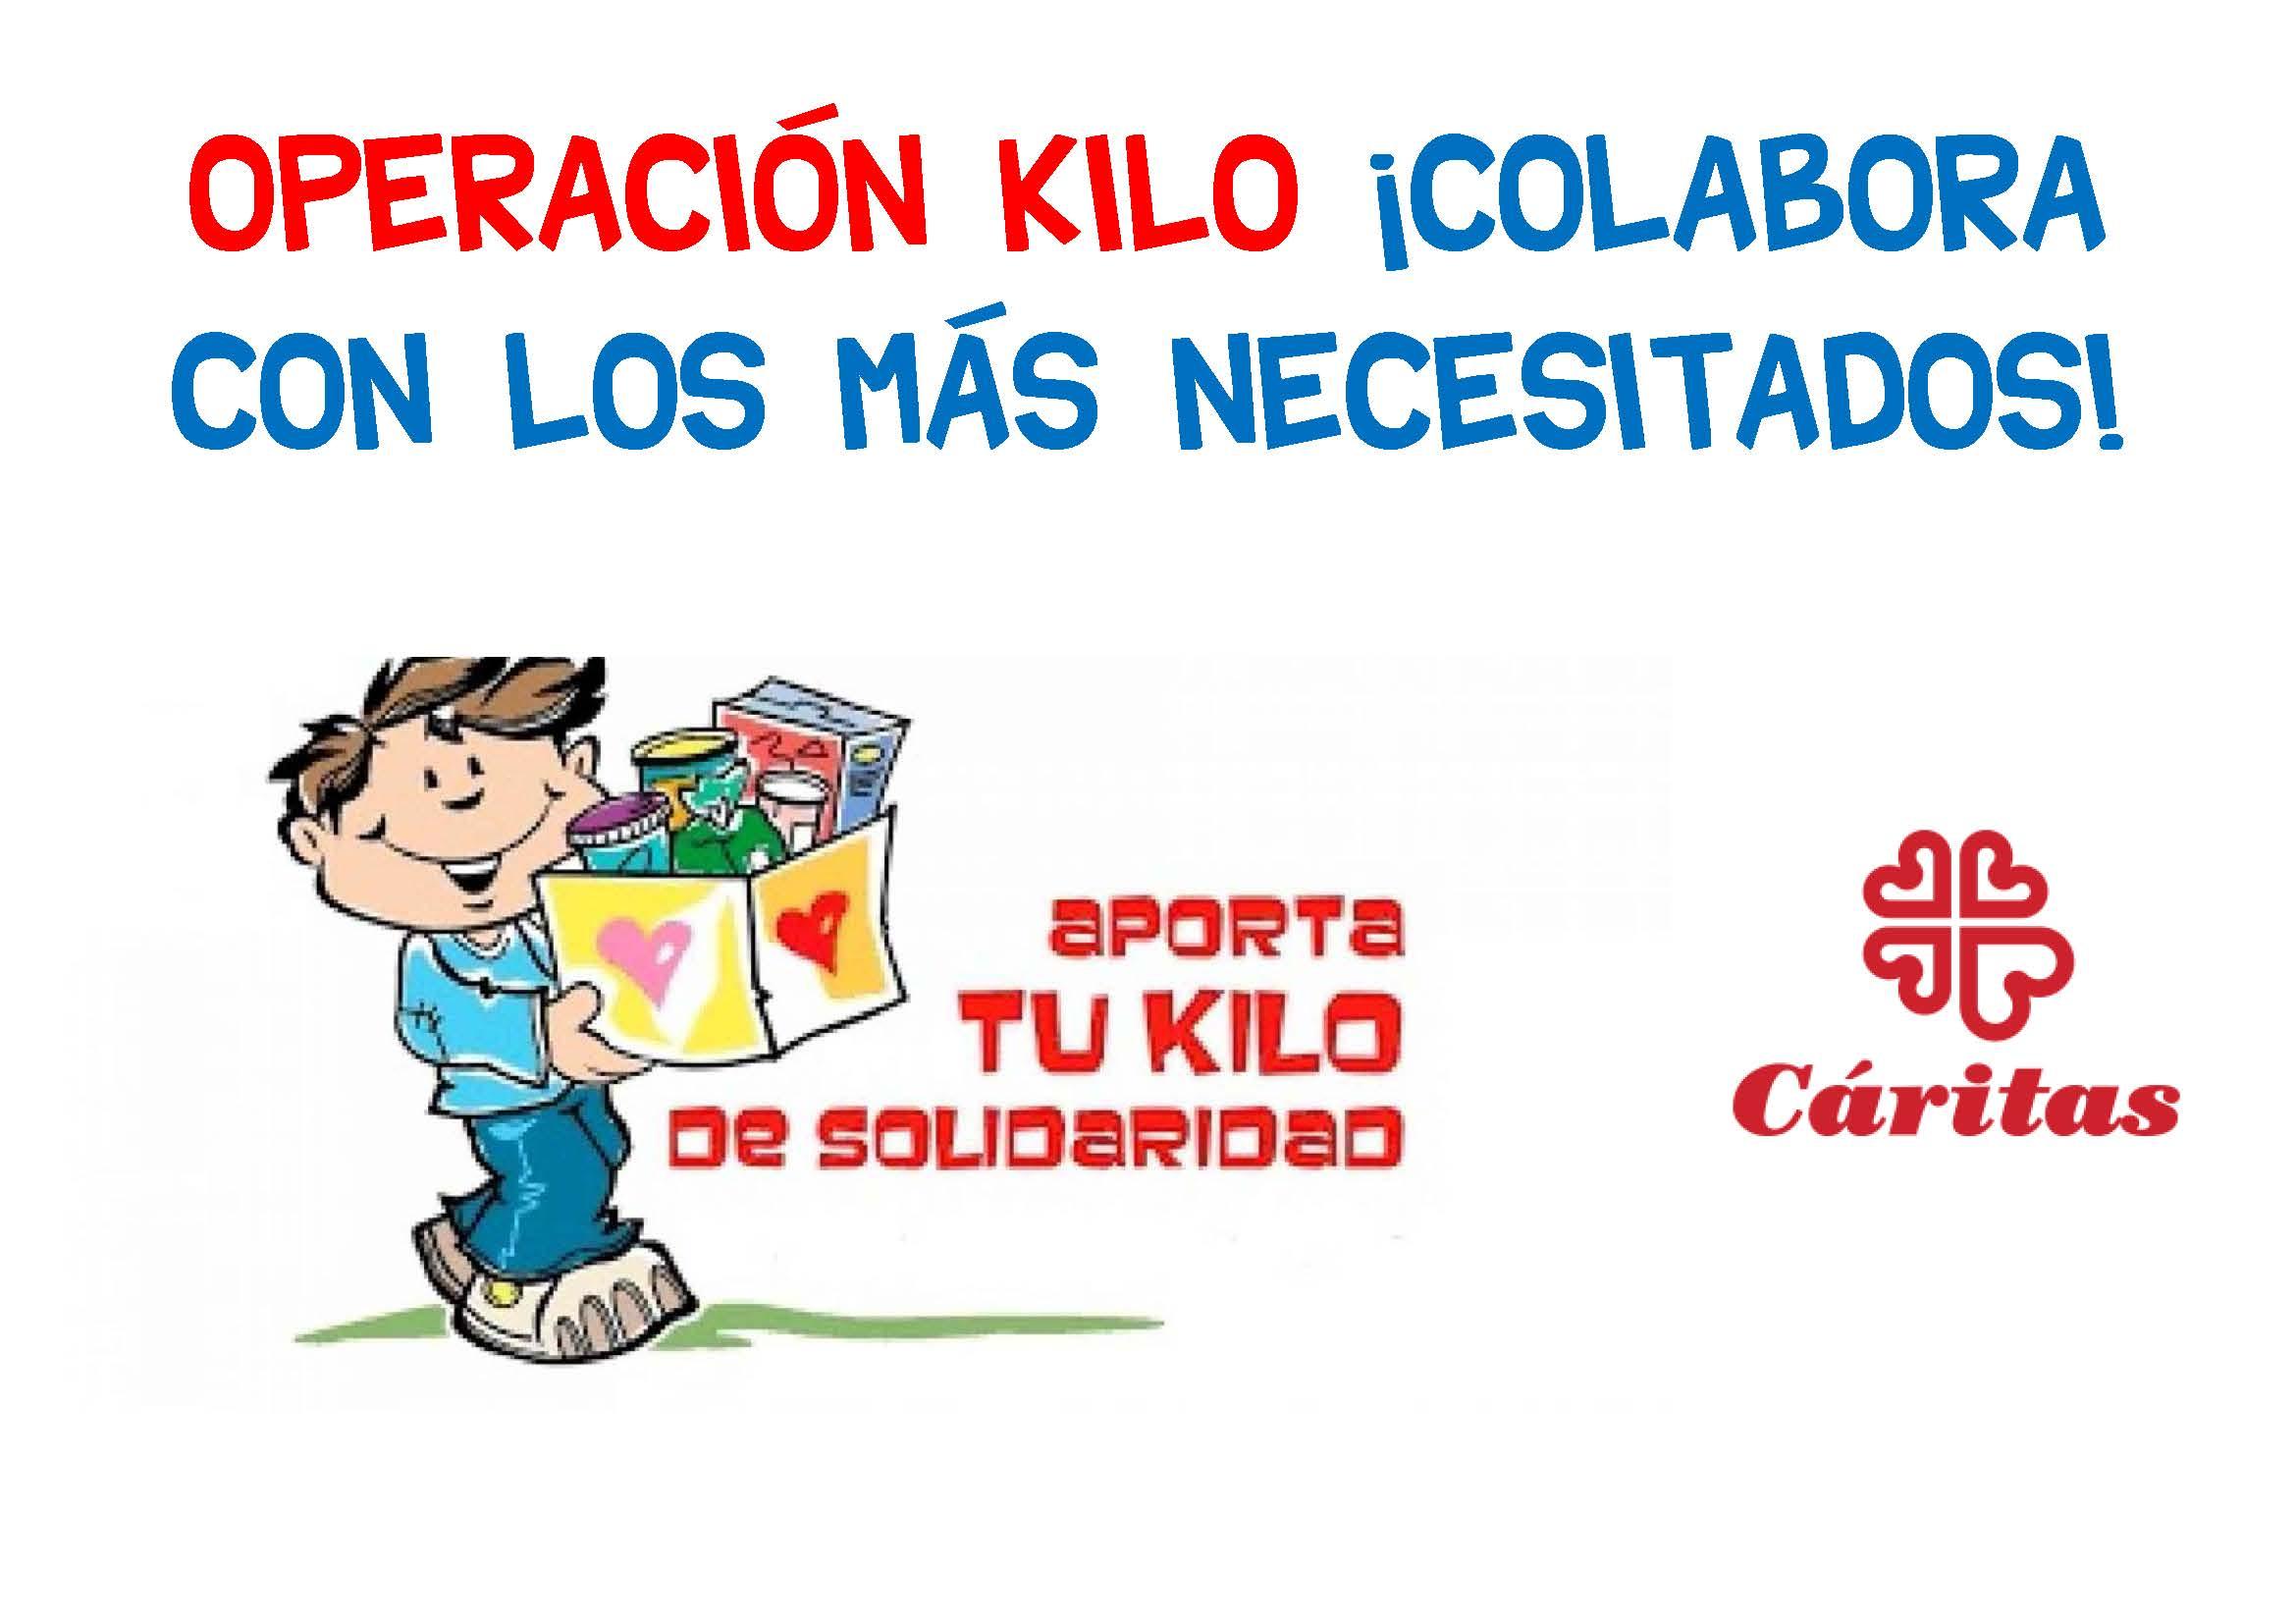 Operación kilo1_Página_1.jpg